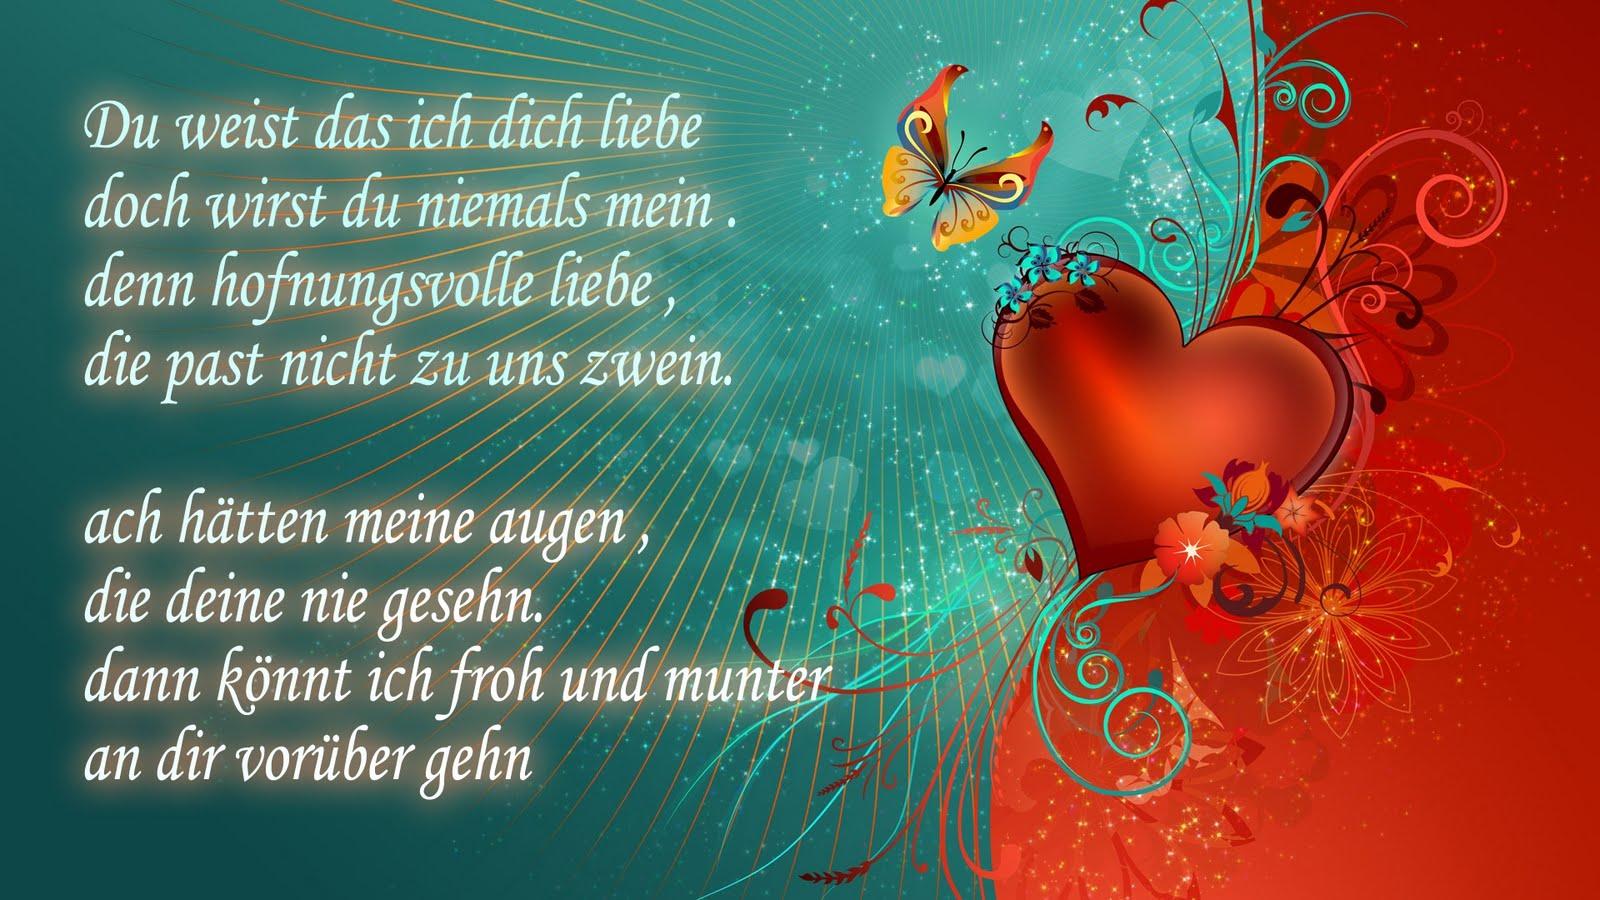 liebe-sprueche-fuer-whatsapp-status - ZitateLebenAlle